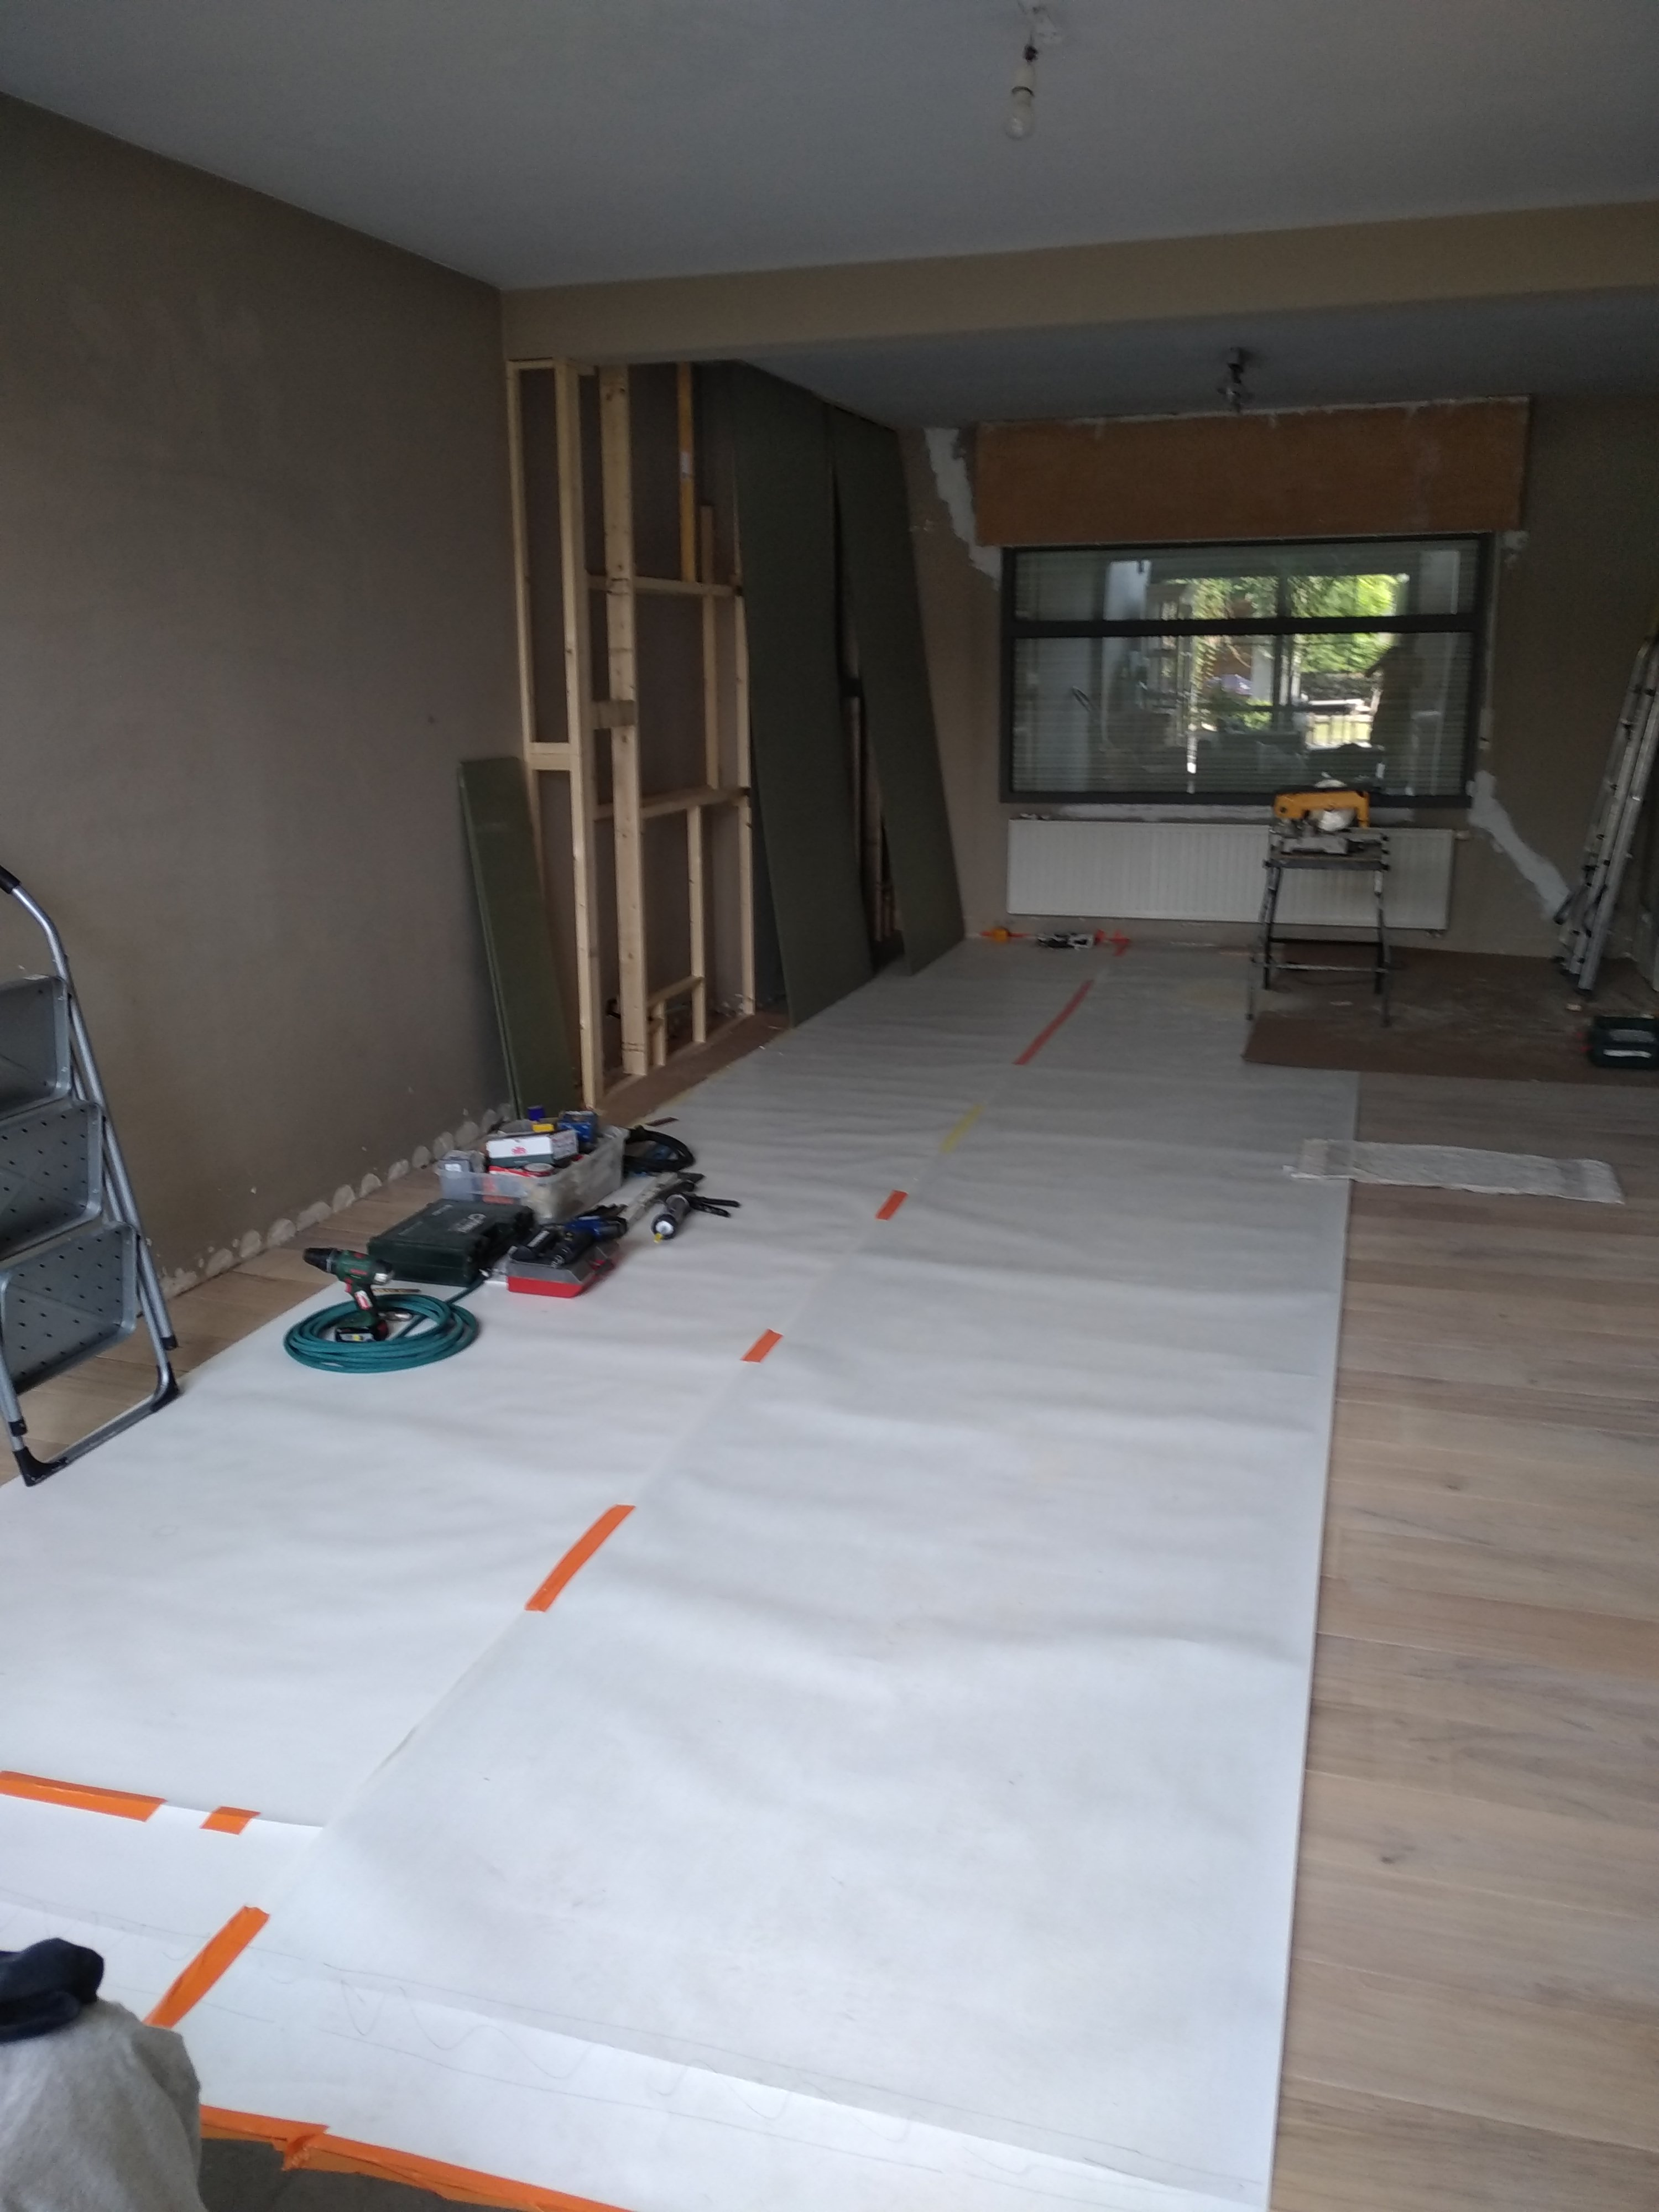 Stucloper 10-50 m² gebruik: Stucloper 10-50 m²